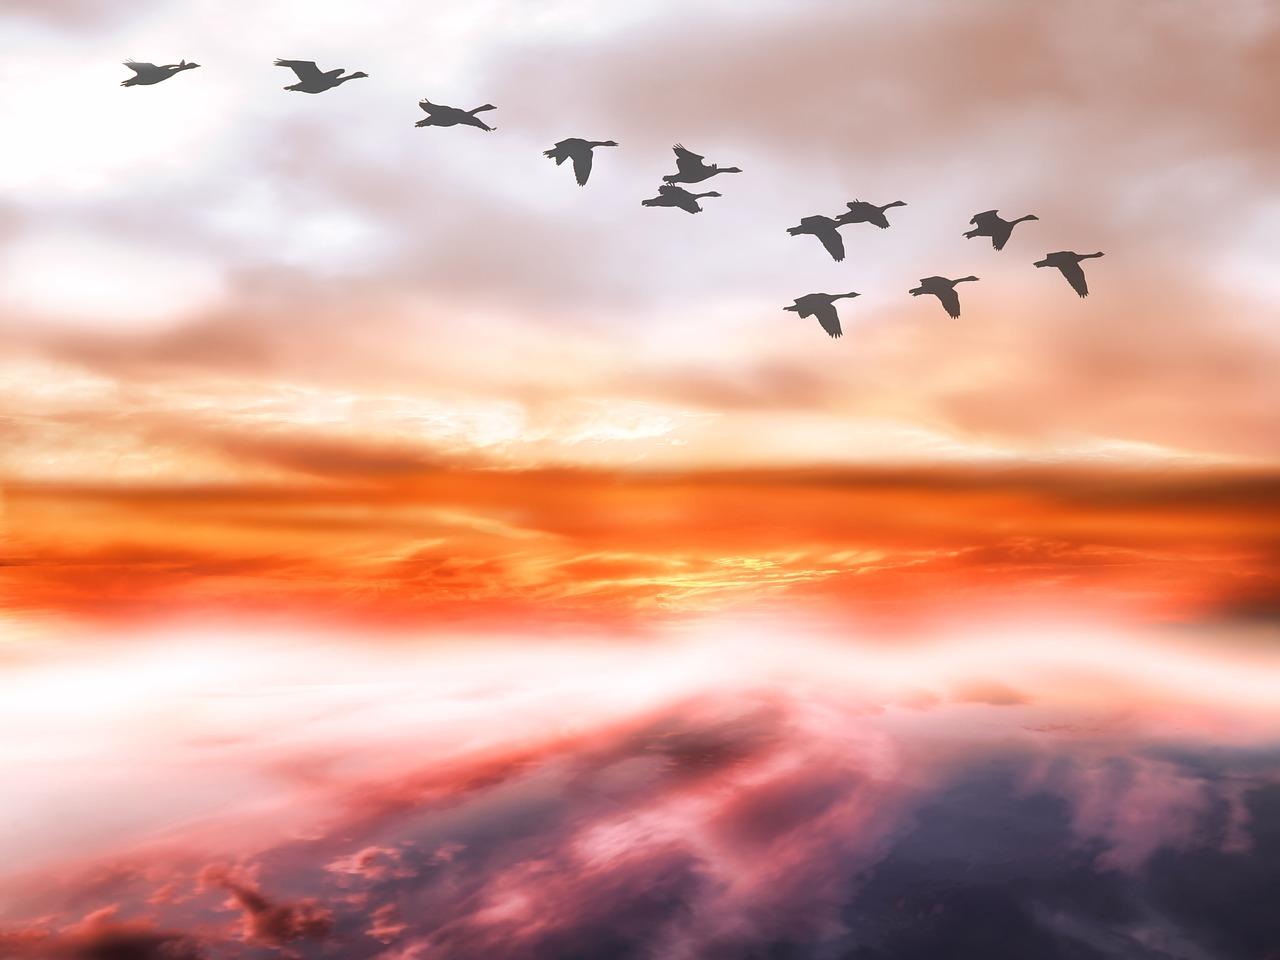 「飛成行、止成列」,象徵家庭的倫常有序、不相踰越。(pixabay)